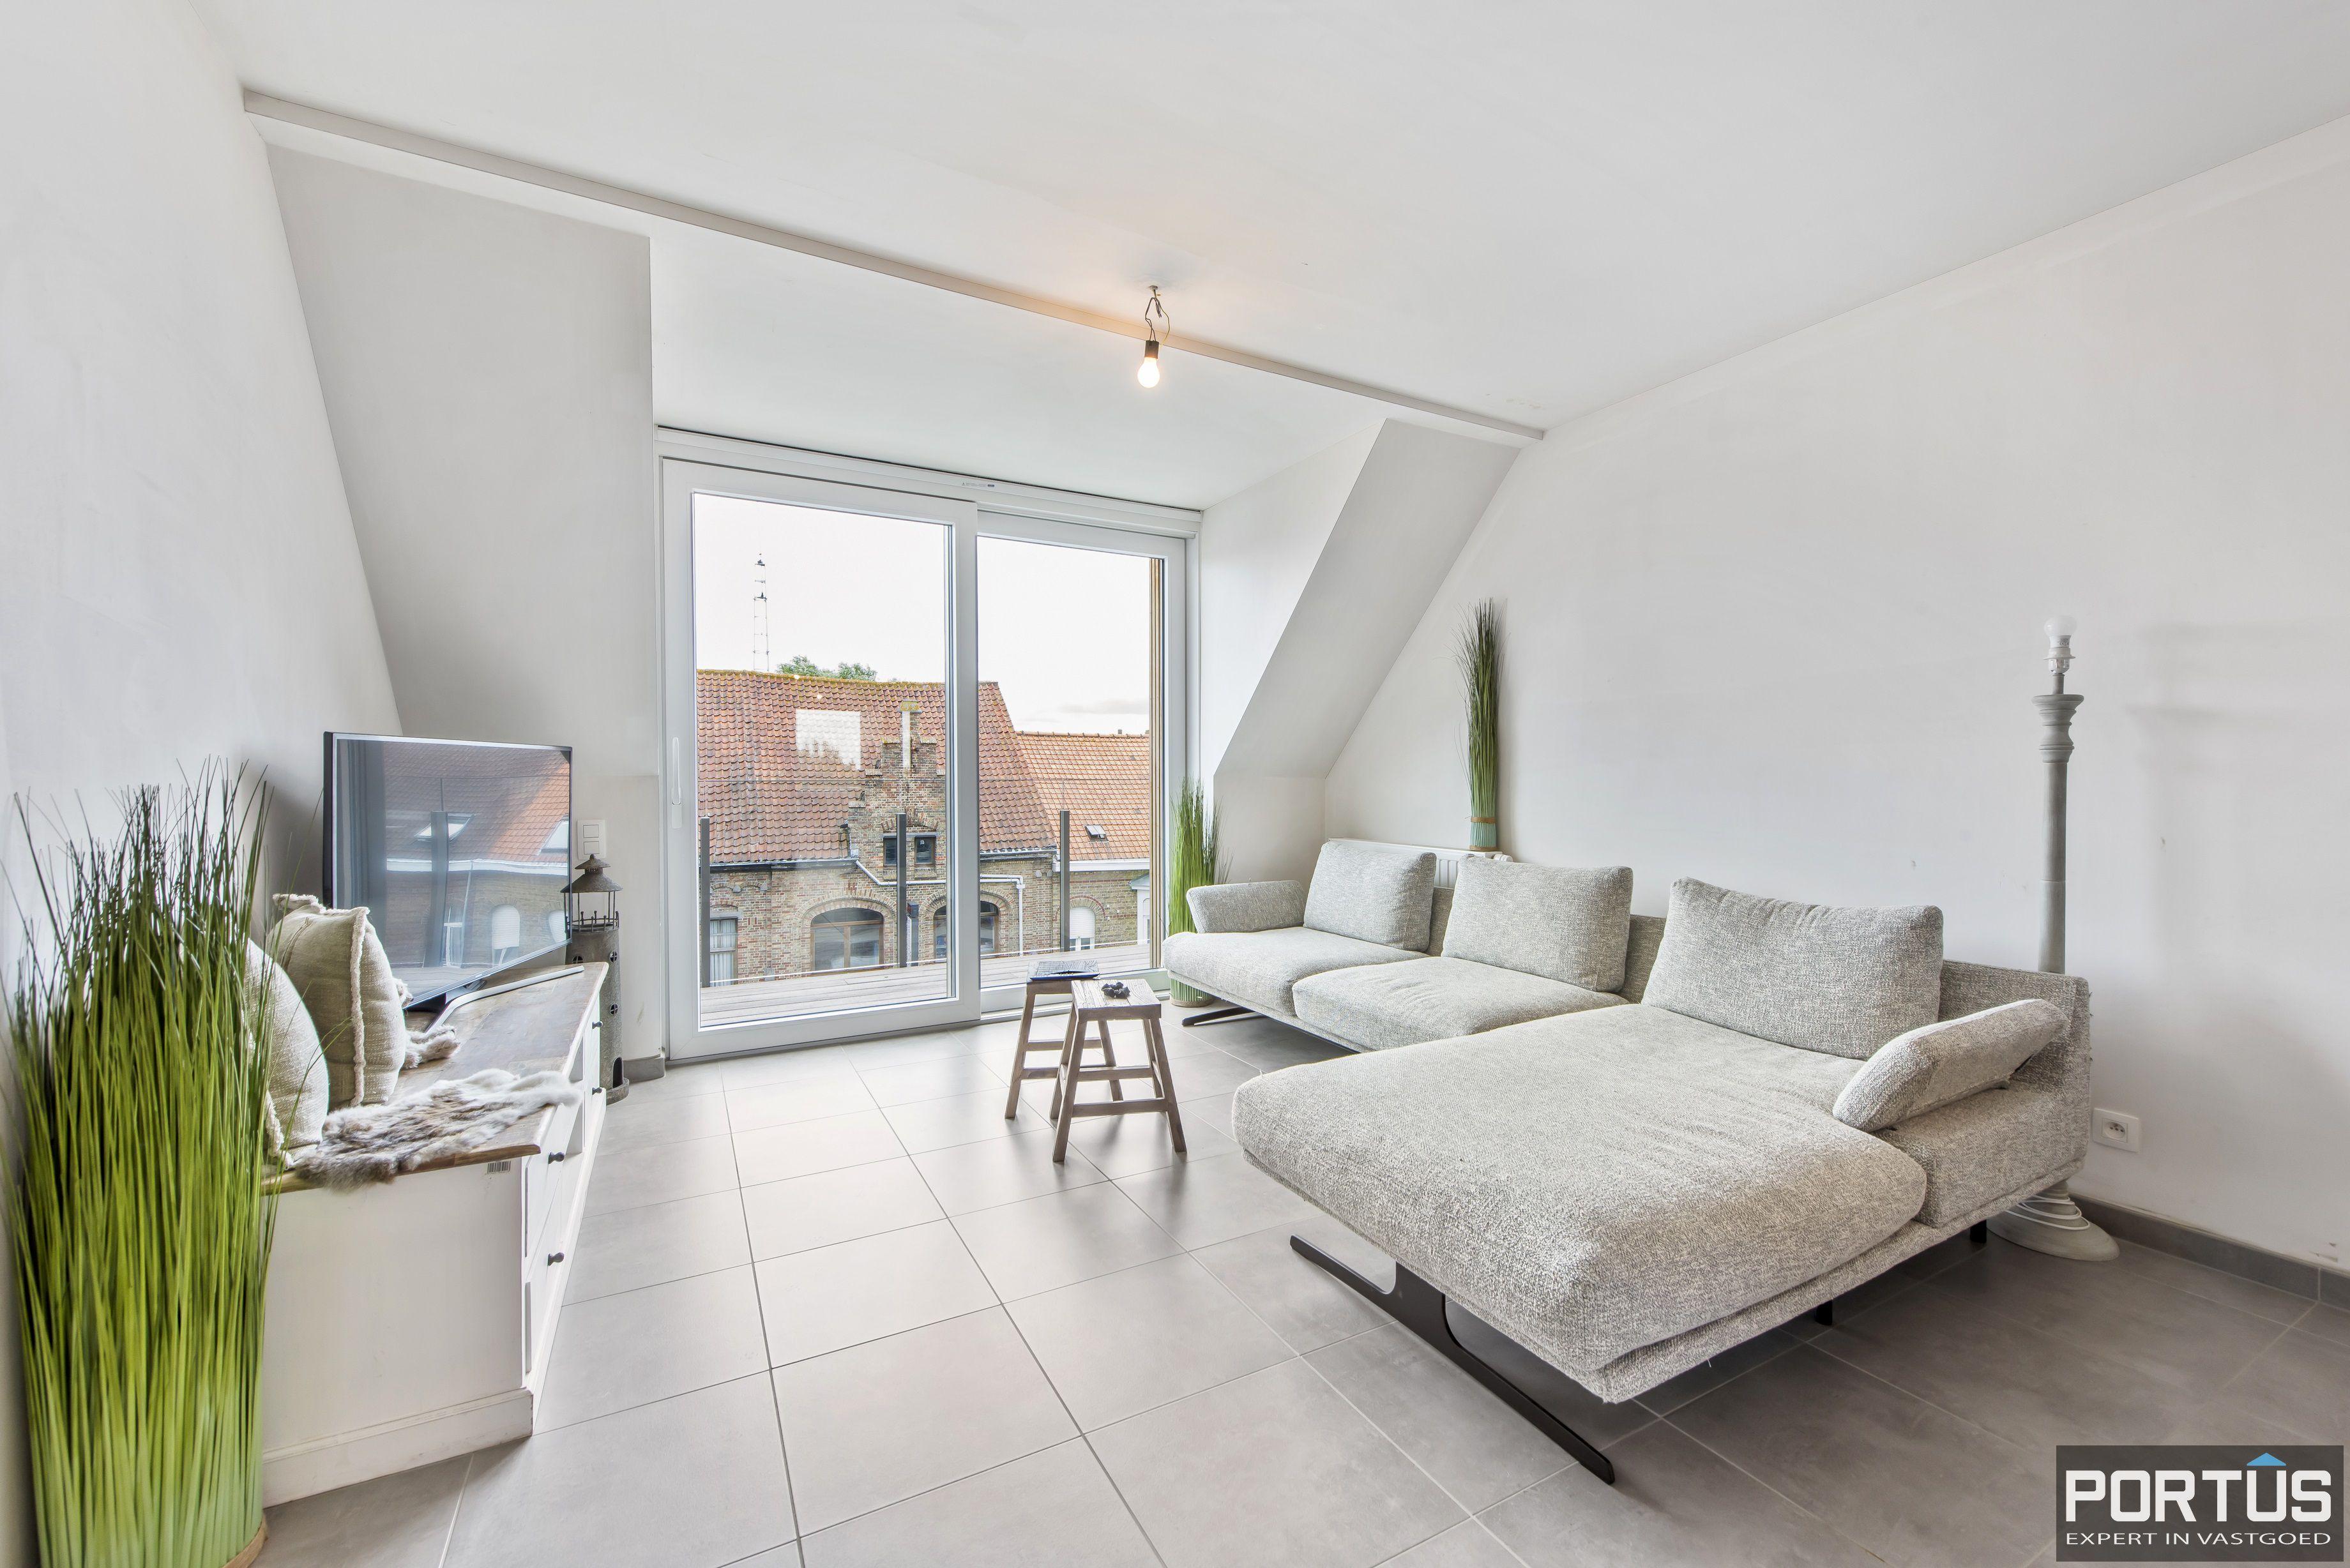 Instapklare duplex te koop te Lombardsijde met 2 slaapkamers - 11275